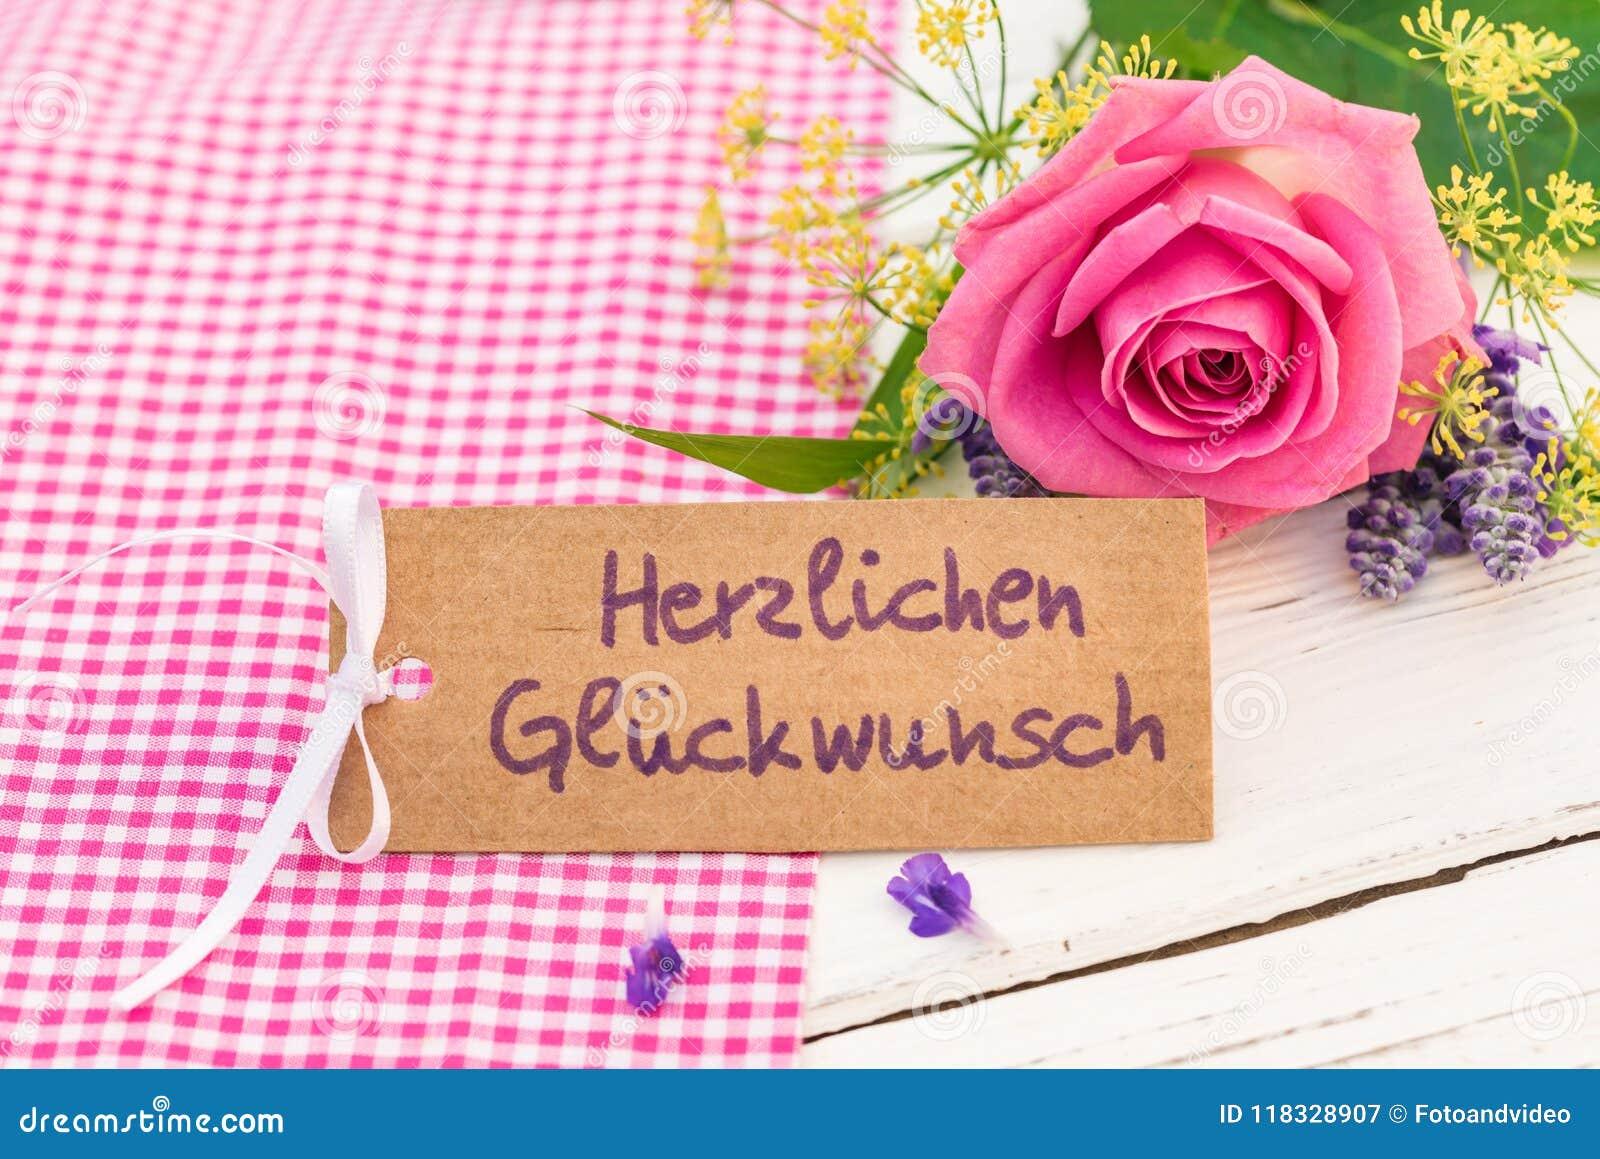 Glückwunschkarte mit deutschem Text, Herzlichen Glueckwunsch, Durchschnittglückwunsch und Rosarose blühen